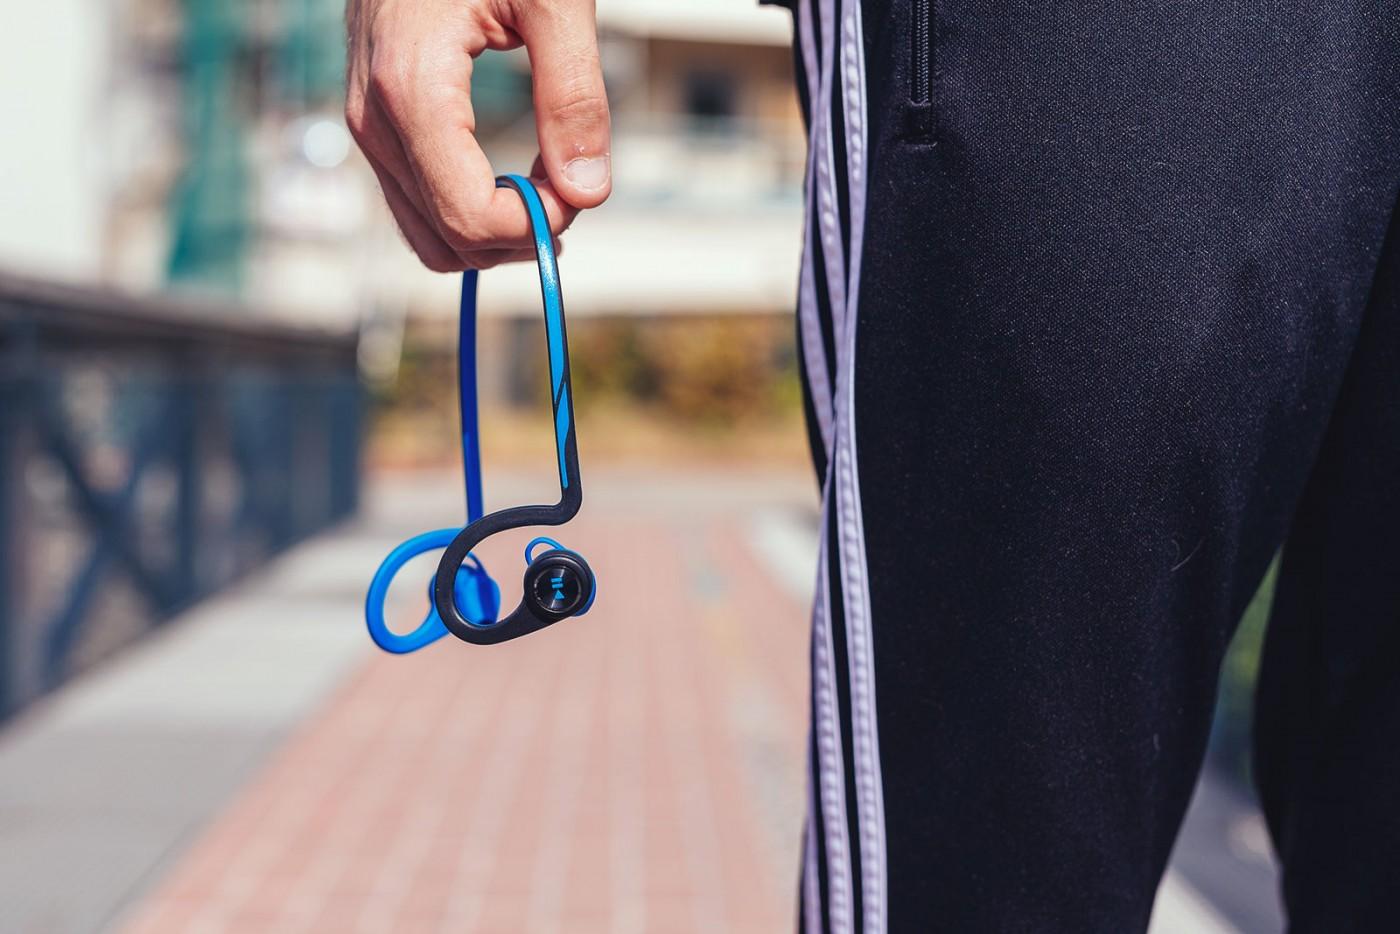 BackBeat Fit : Les écouteurs sportifs